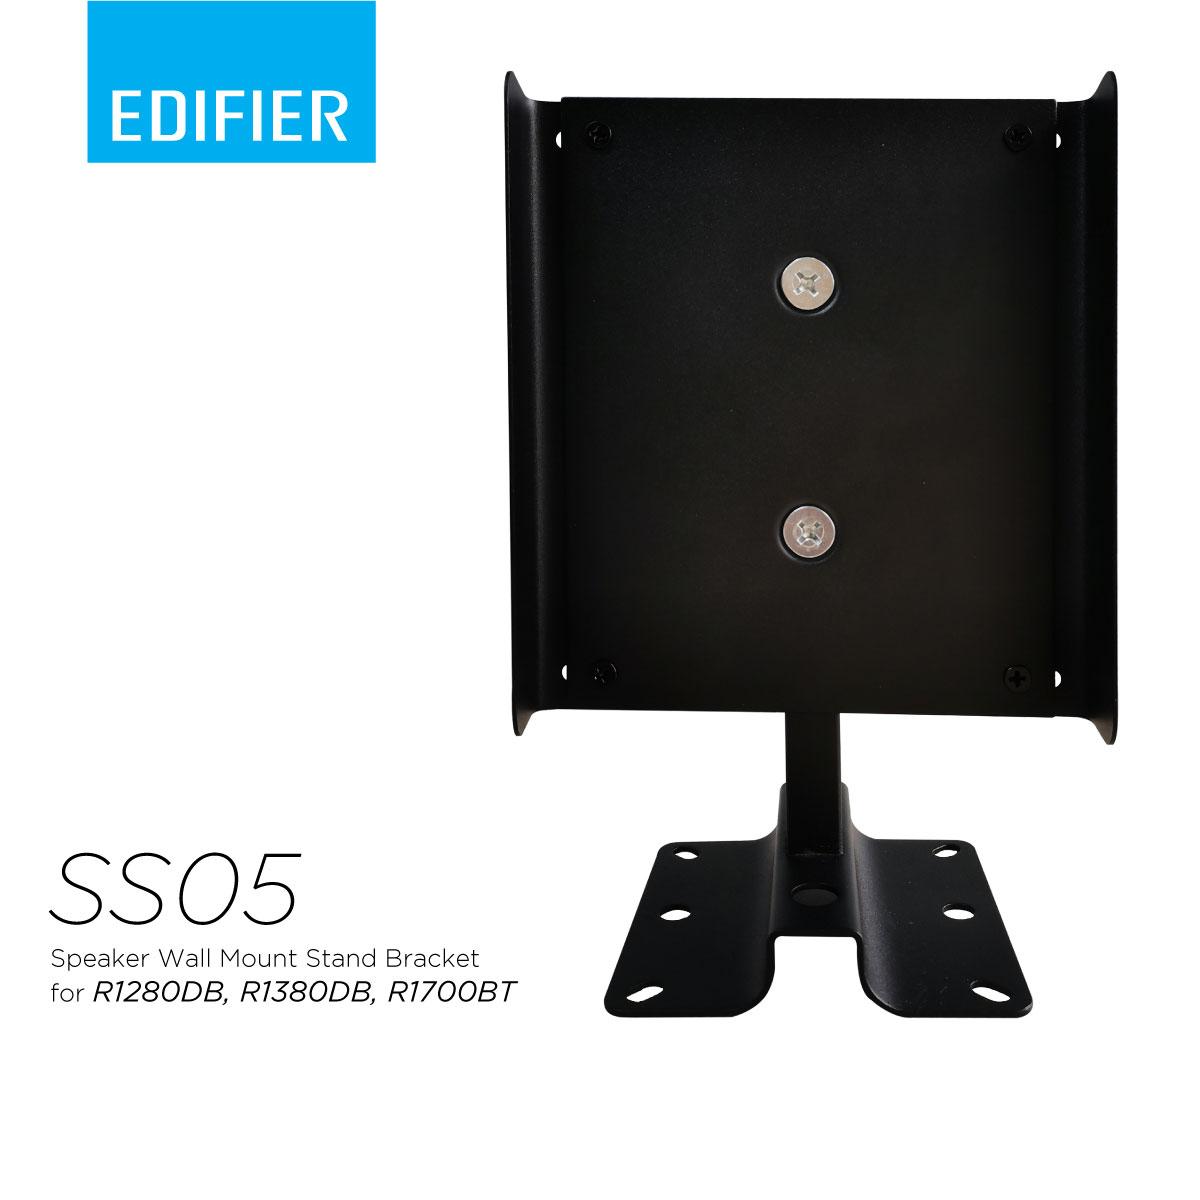 Edifier SS05 Speaker Wall